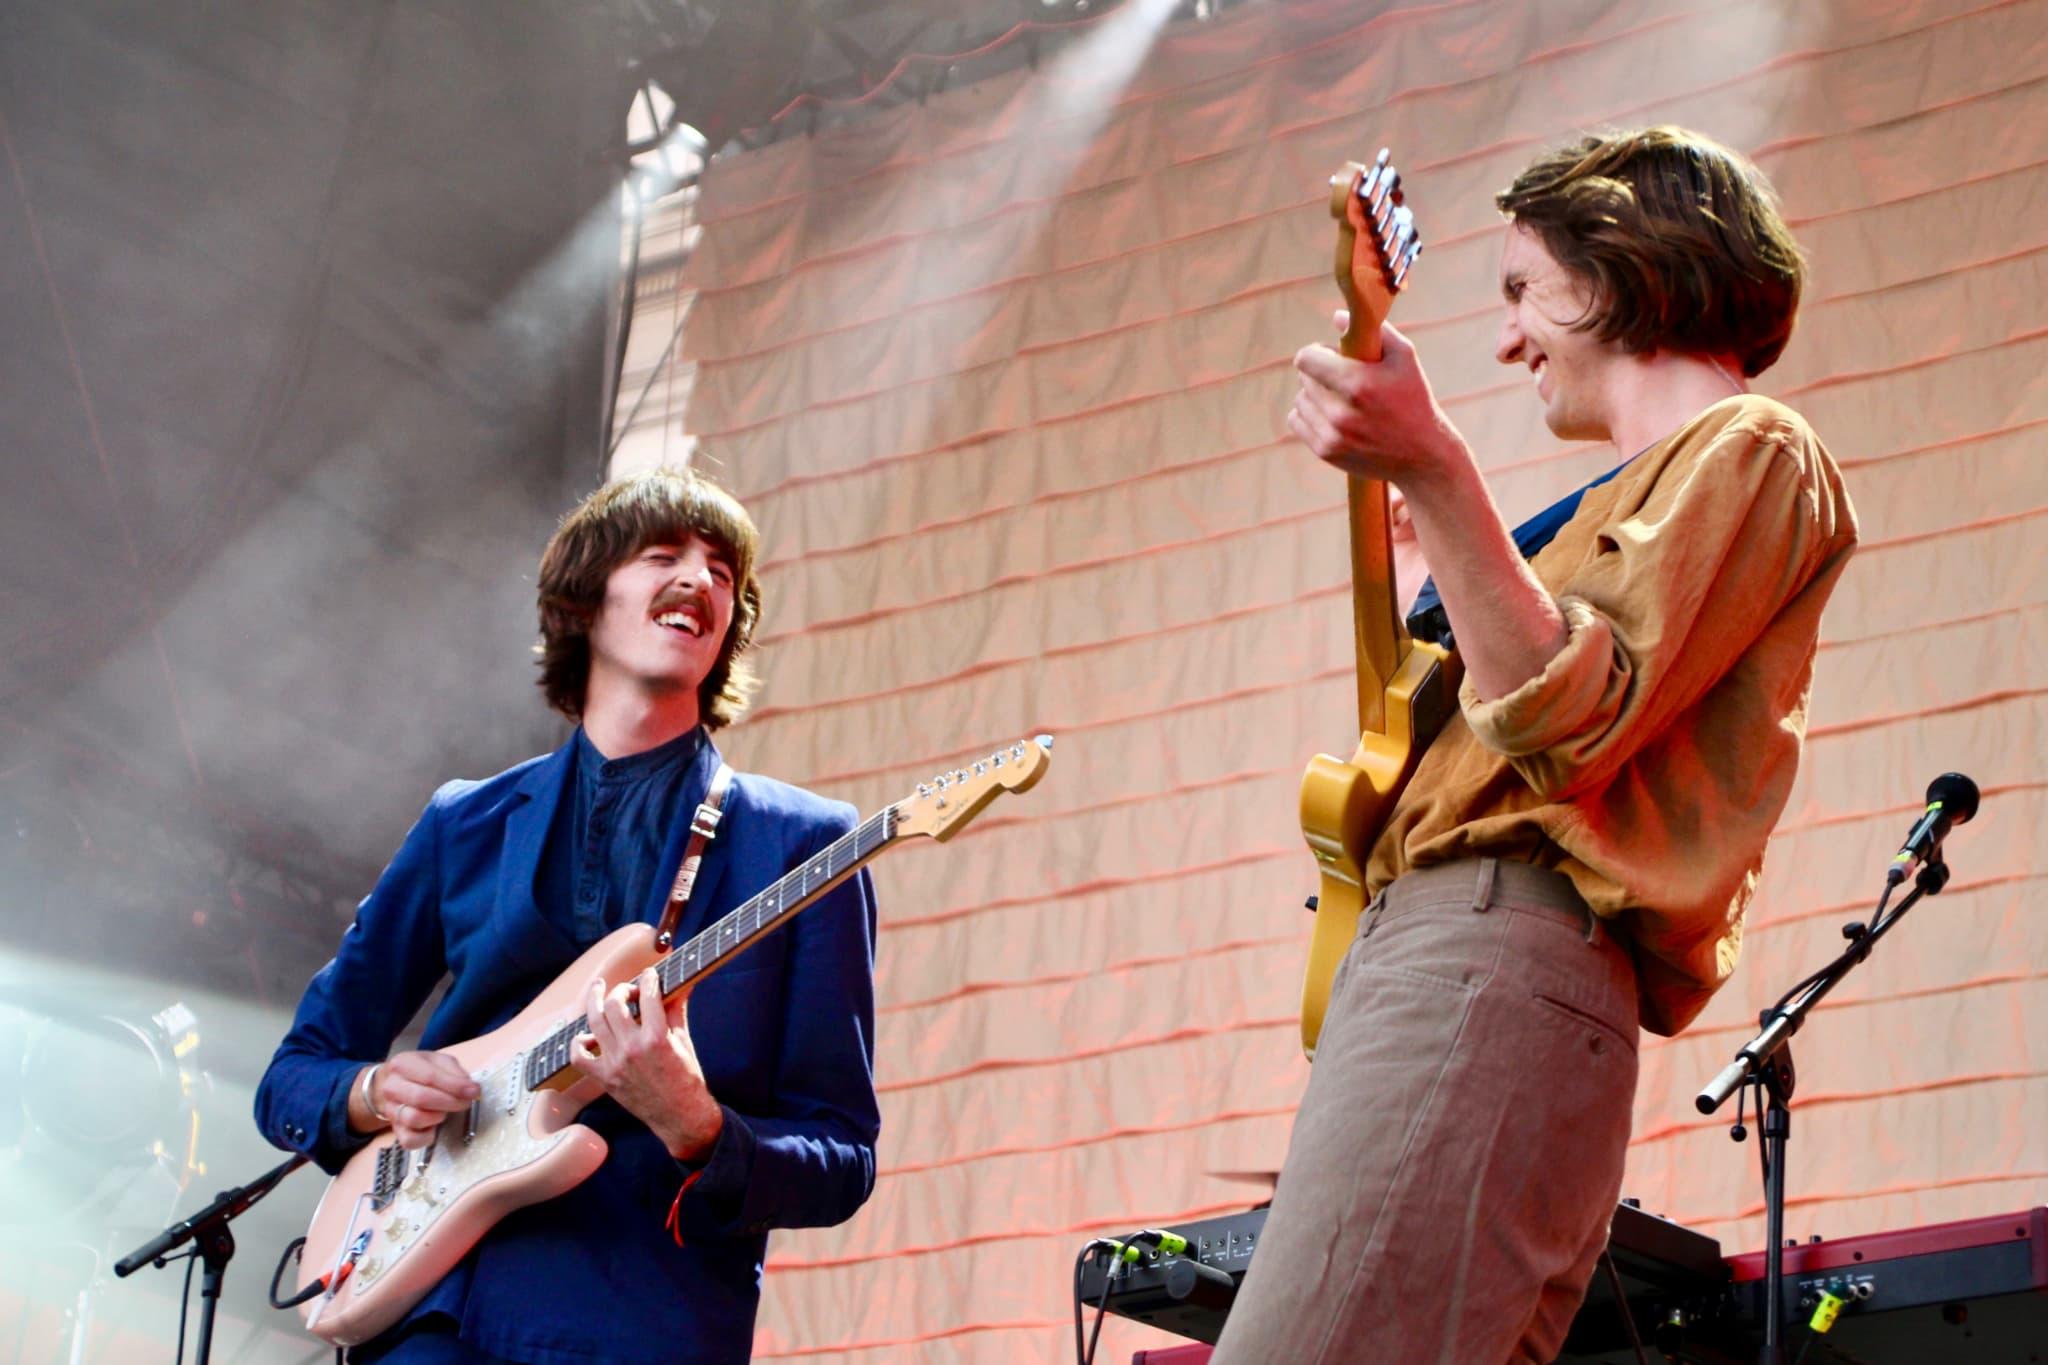 Le chanteur et guitariste, Jules Crommelin, et le chanteur et multi-instrumentaliste, Patrick Hetherington, du groupe Parcels.